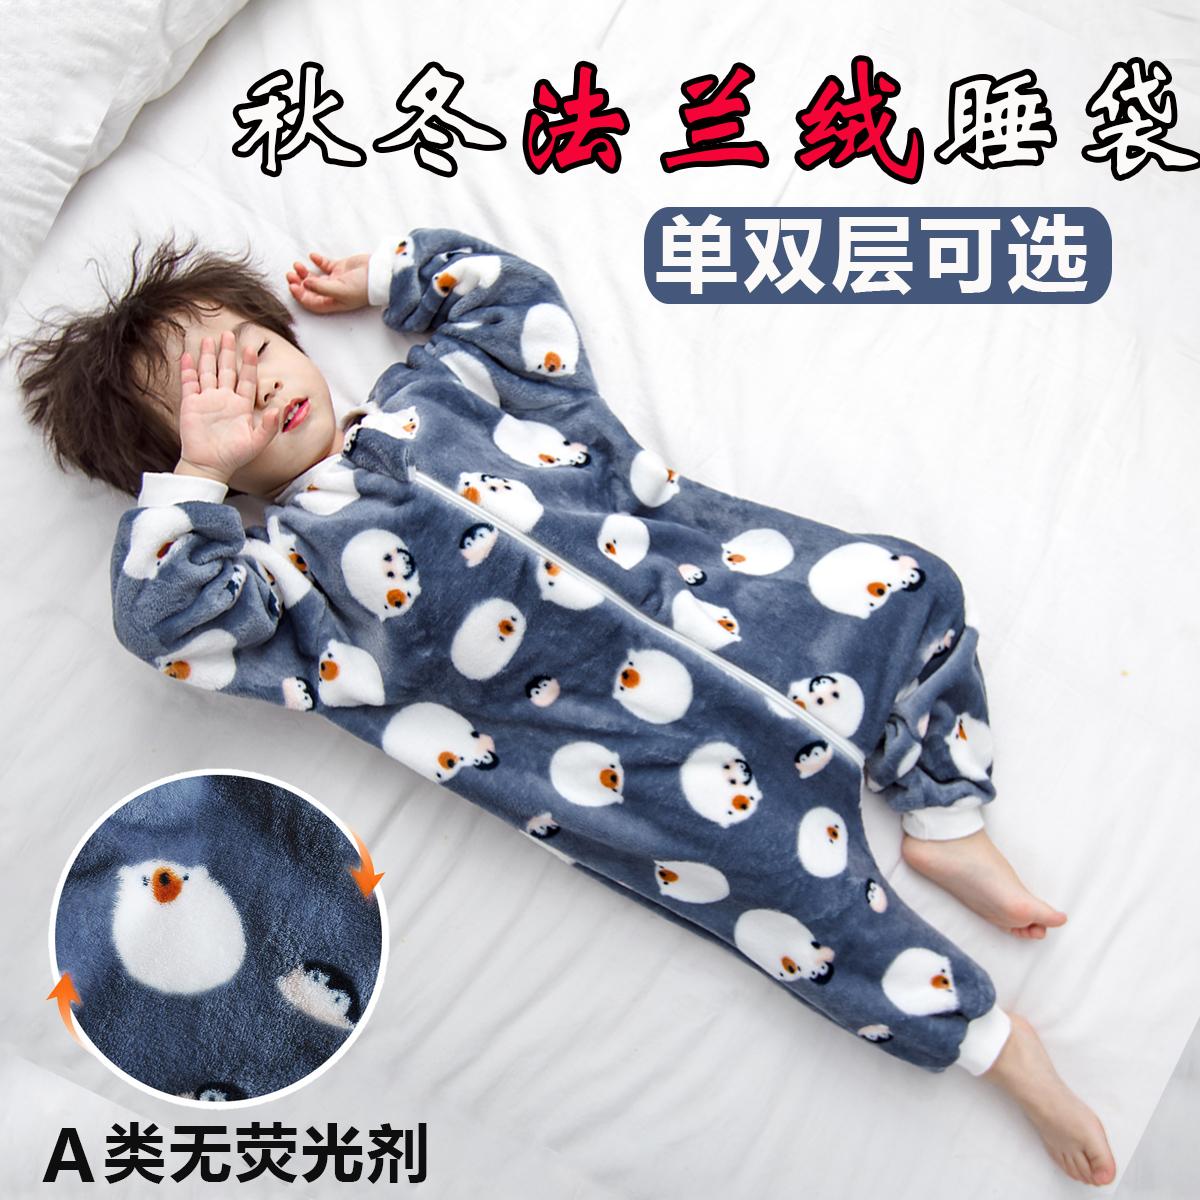 婴儿加绒连体衣春秋1-2岁男女宝宝法兰绒睡衣3加厚儿童珊瑚绒睡袋